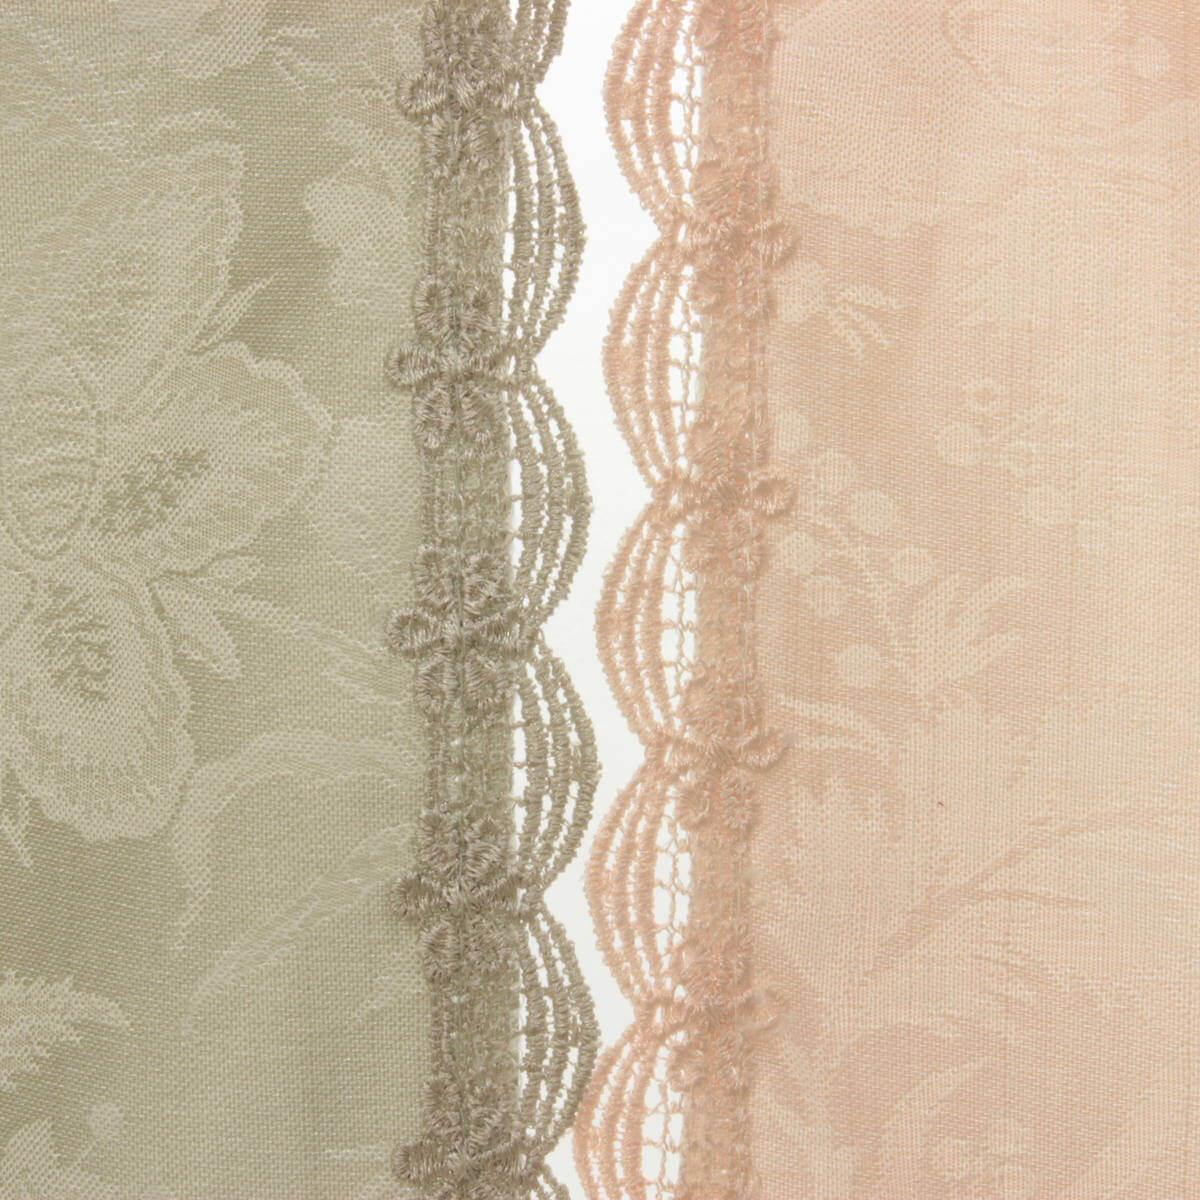 はっ水加工ジャカード織エレガントフラワーはグレーとピンクの2色展開。